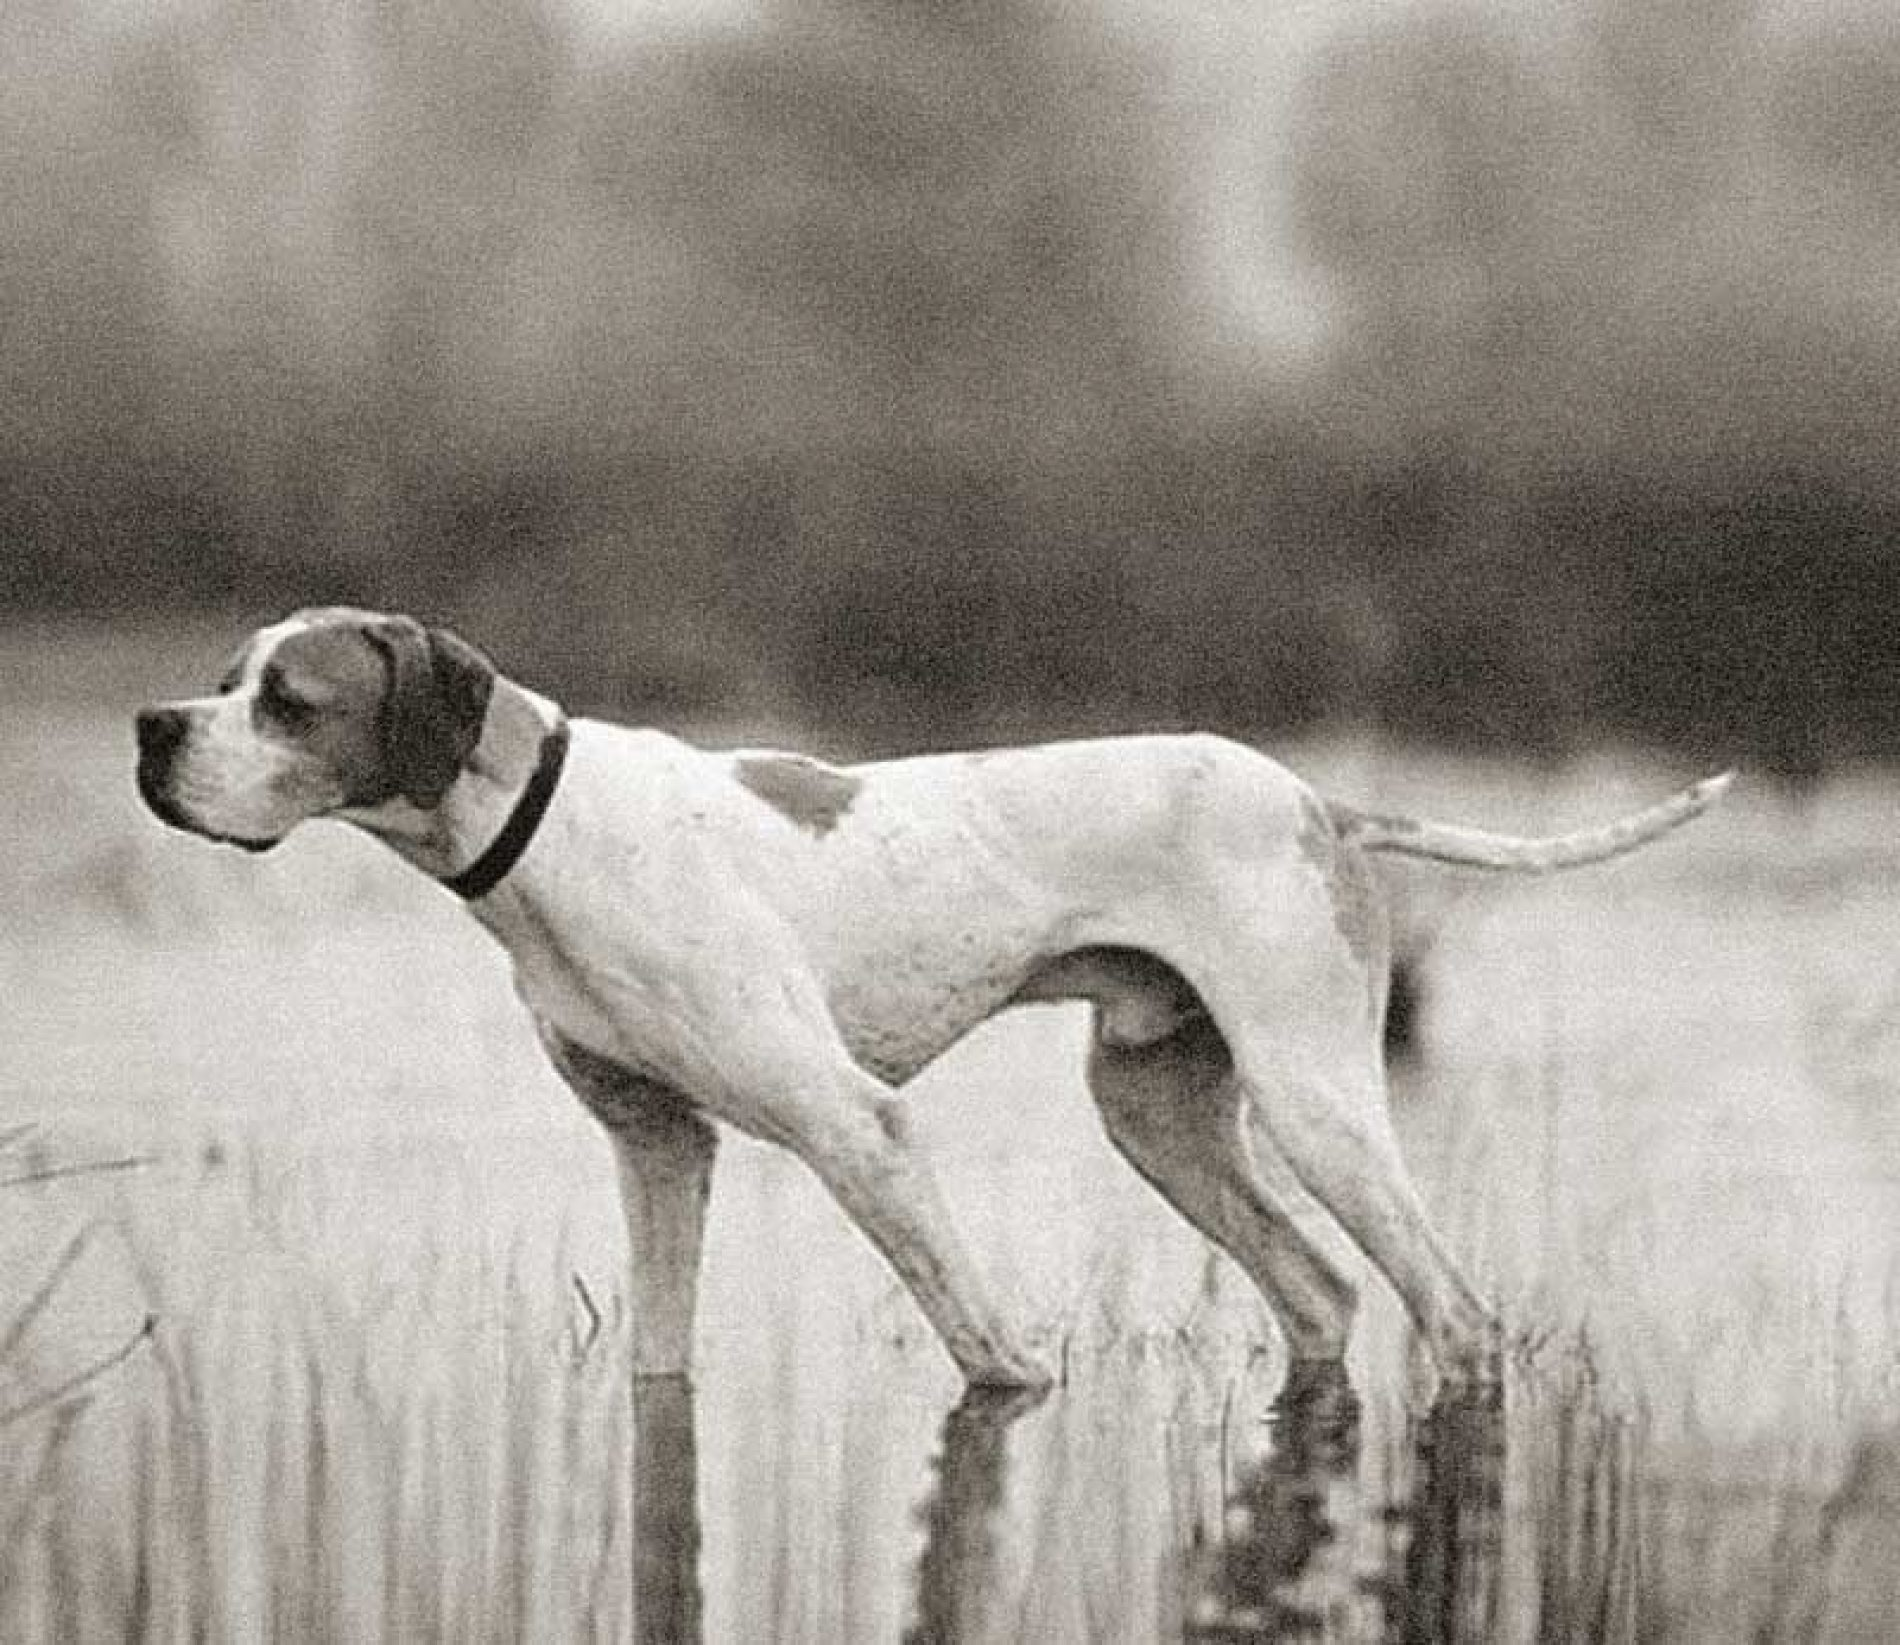 El pointer, clásico perro de muestra